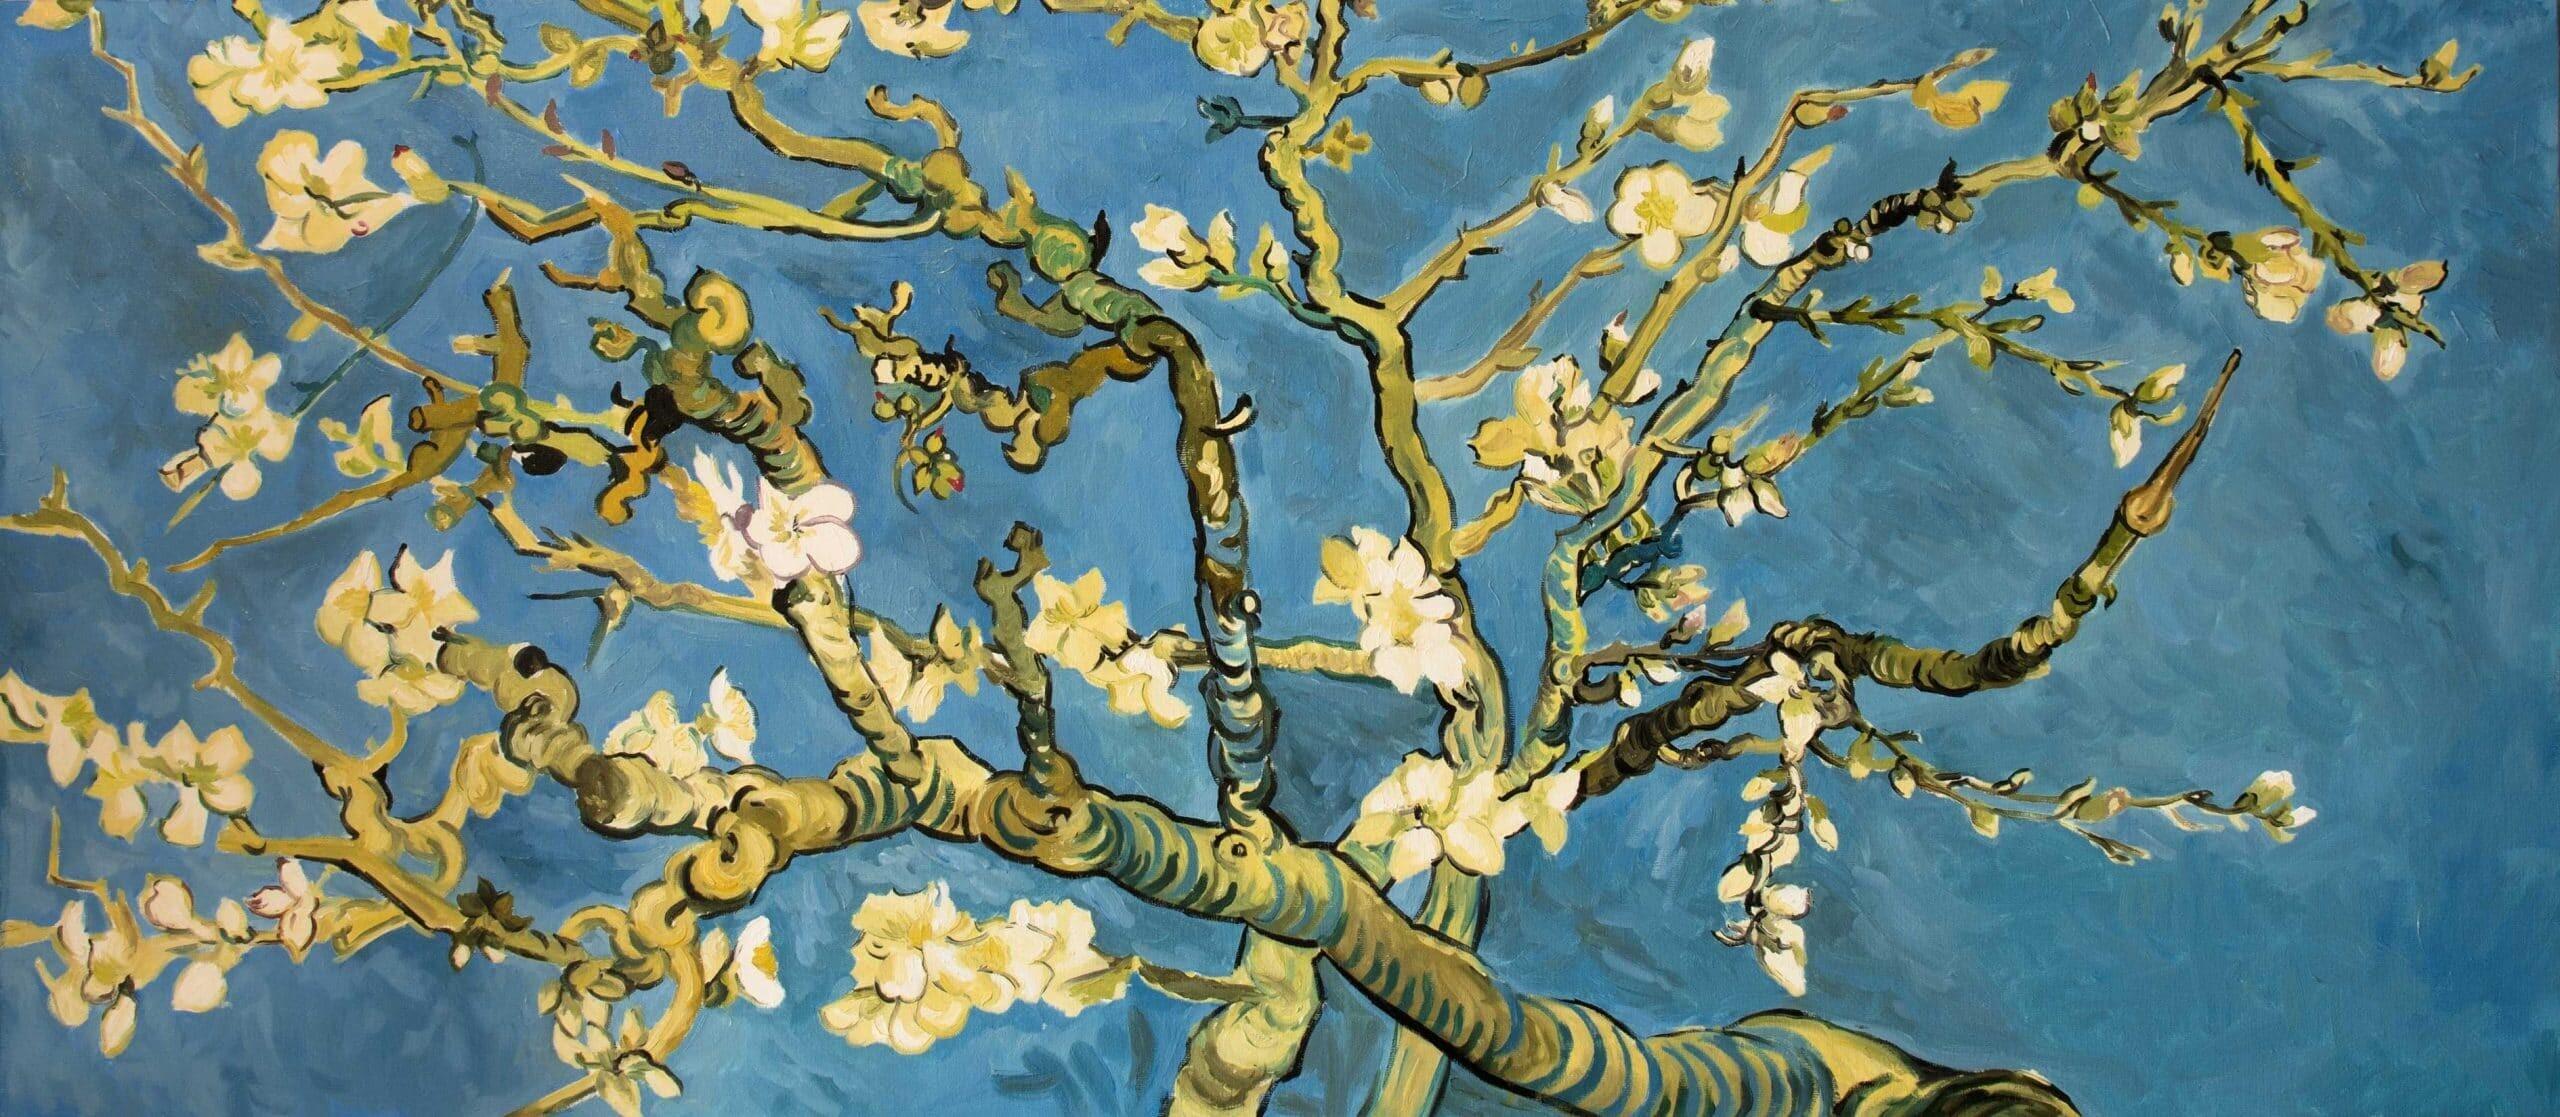 Ramas de almendro en flor, blog - cuadros al óleo